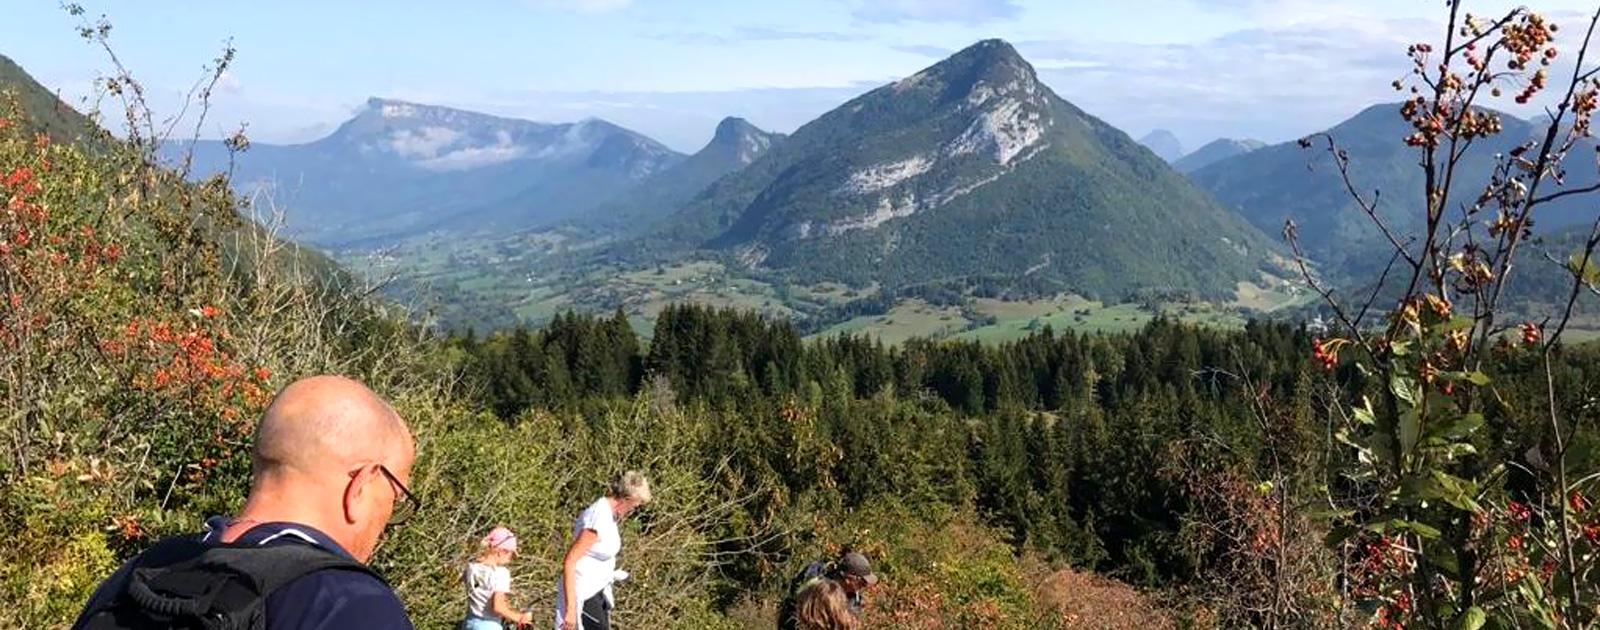 Automne de la randonnée FSGT Savoie 73